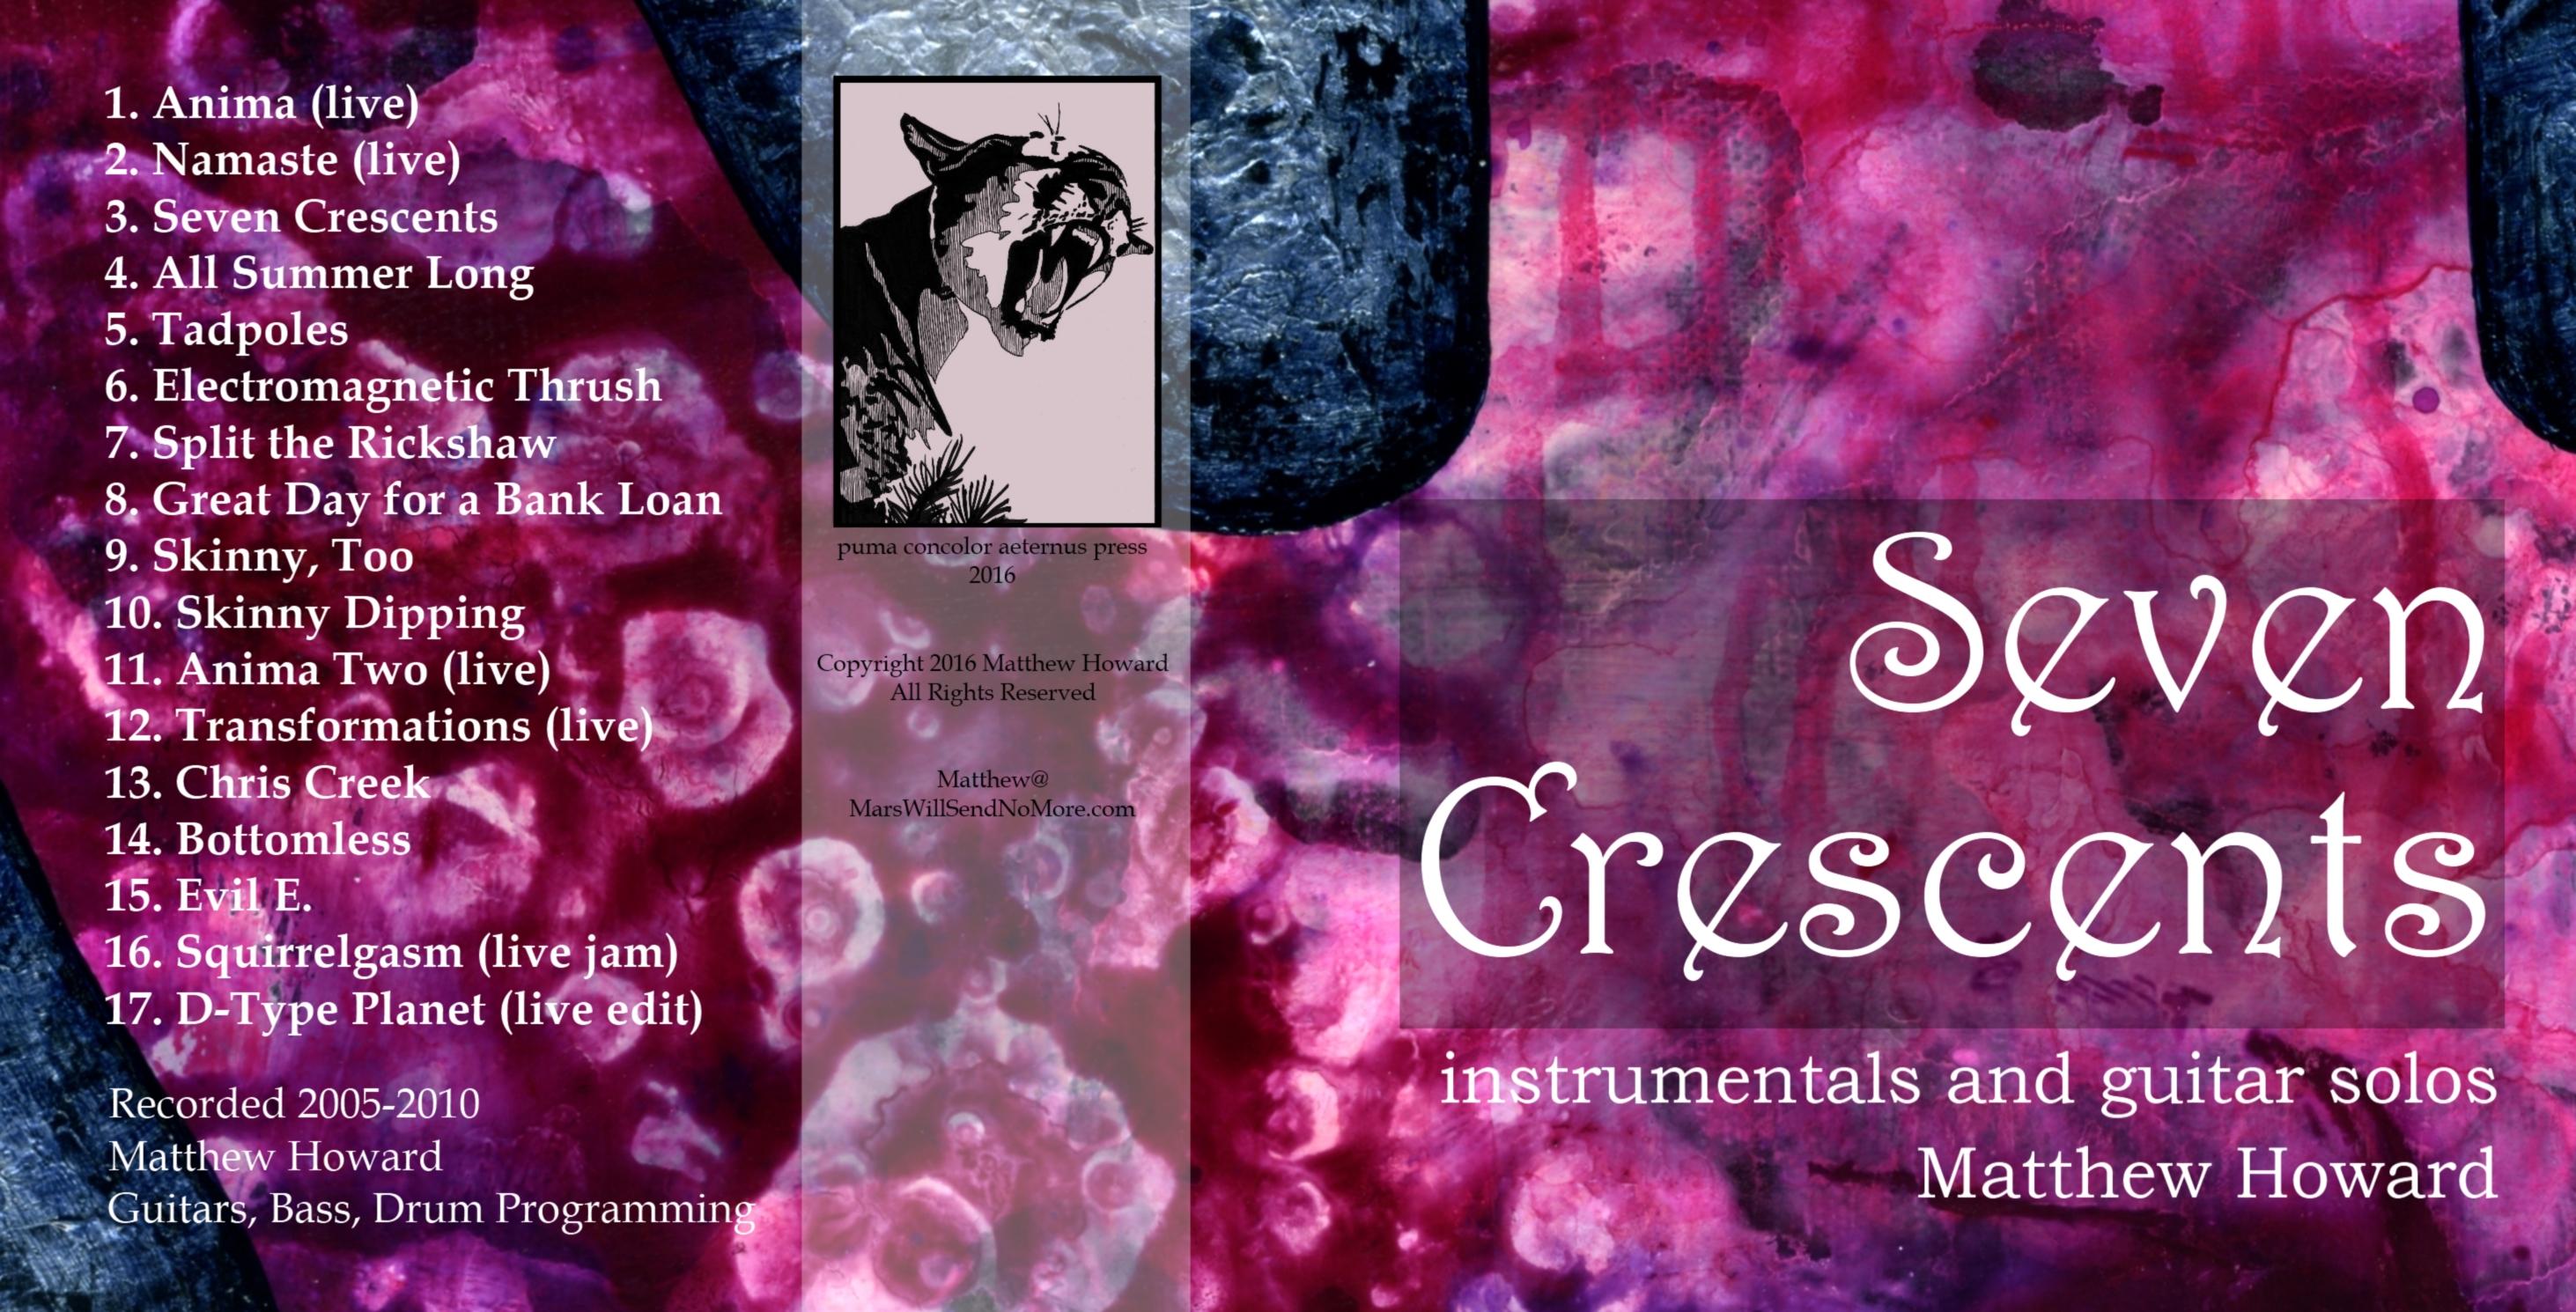 album booklet exterior